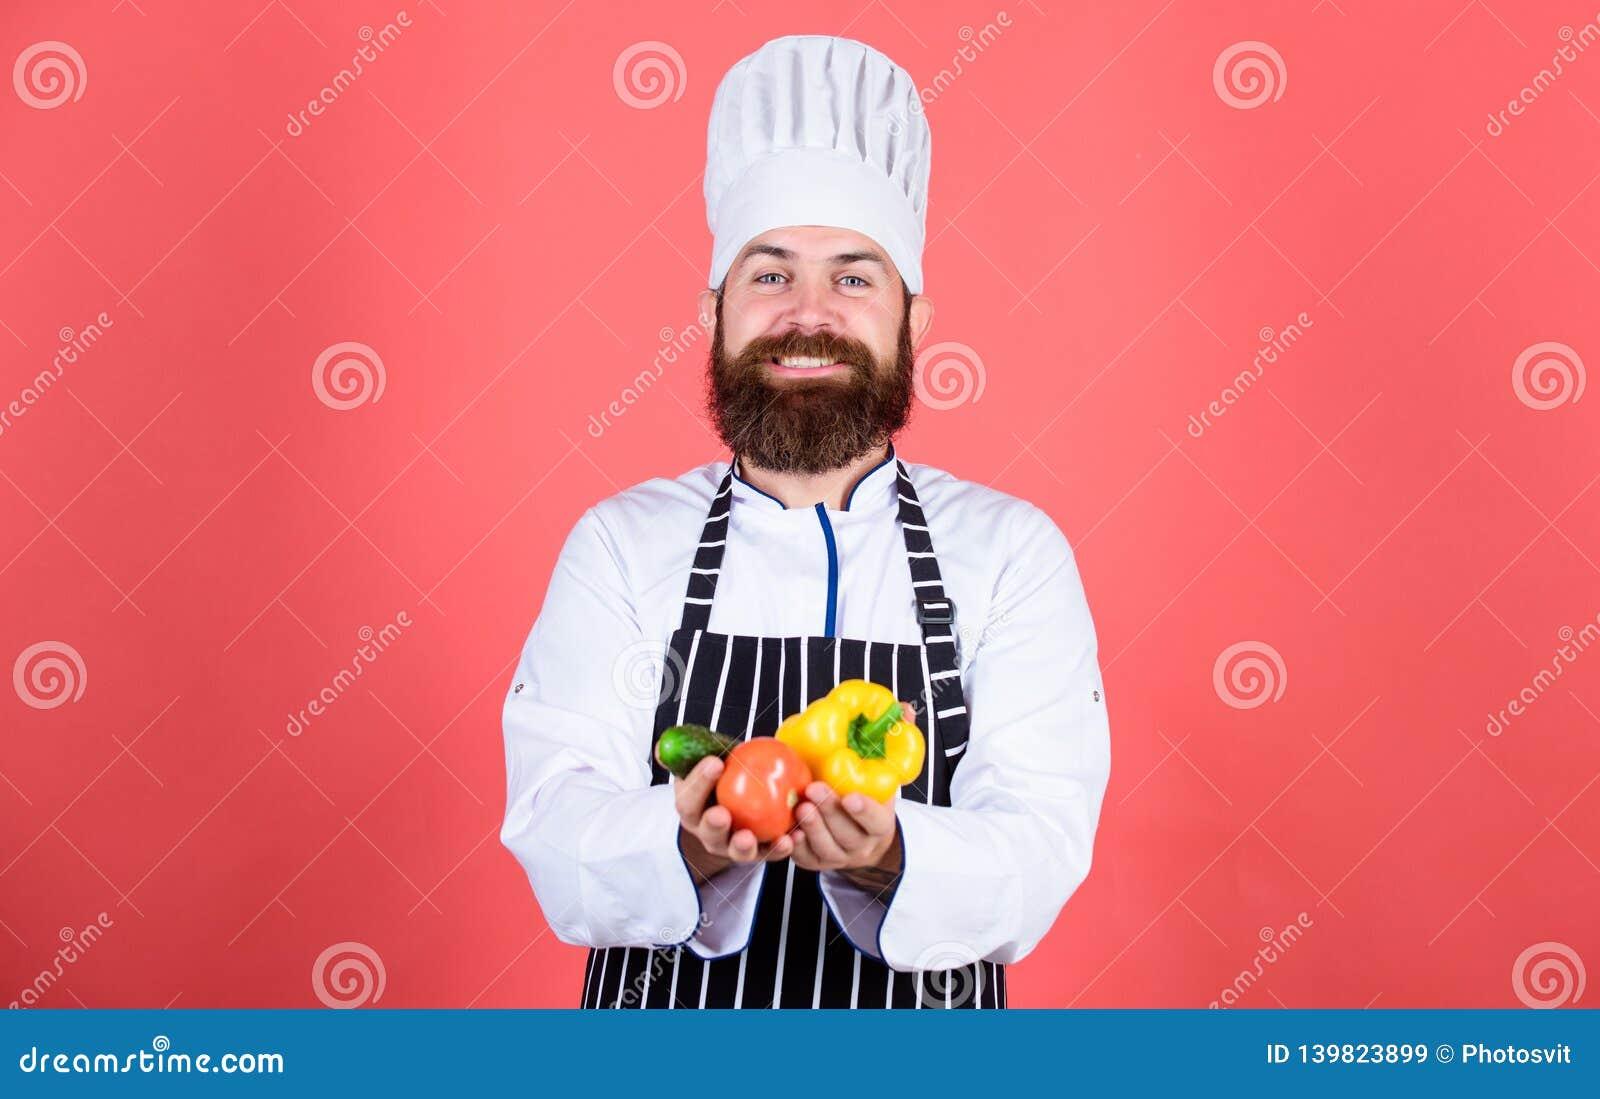 Chefmann im Hut Geheimes Geschmackrezept Bärtiger Mannkoch in der Küche, kulinarisch vegetarier Reifer Chef mit Bart nähren